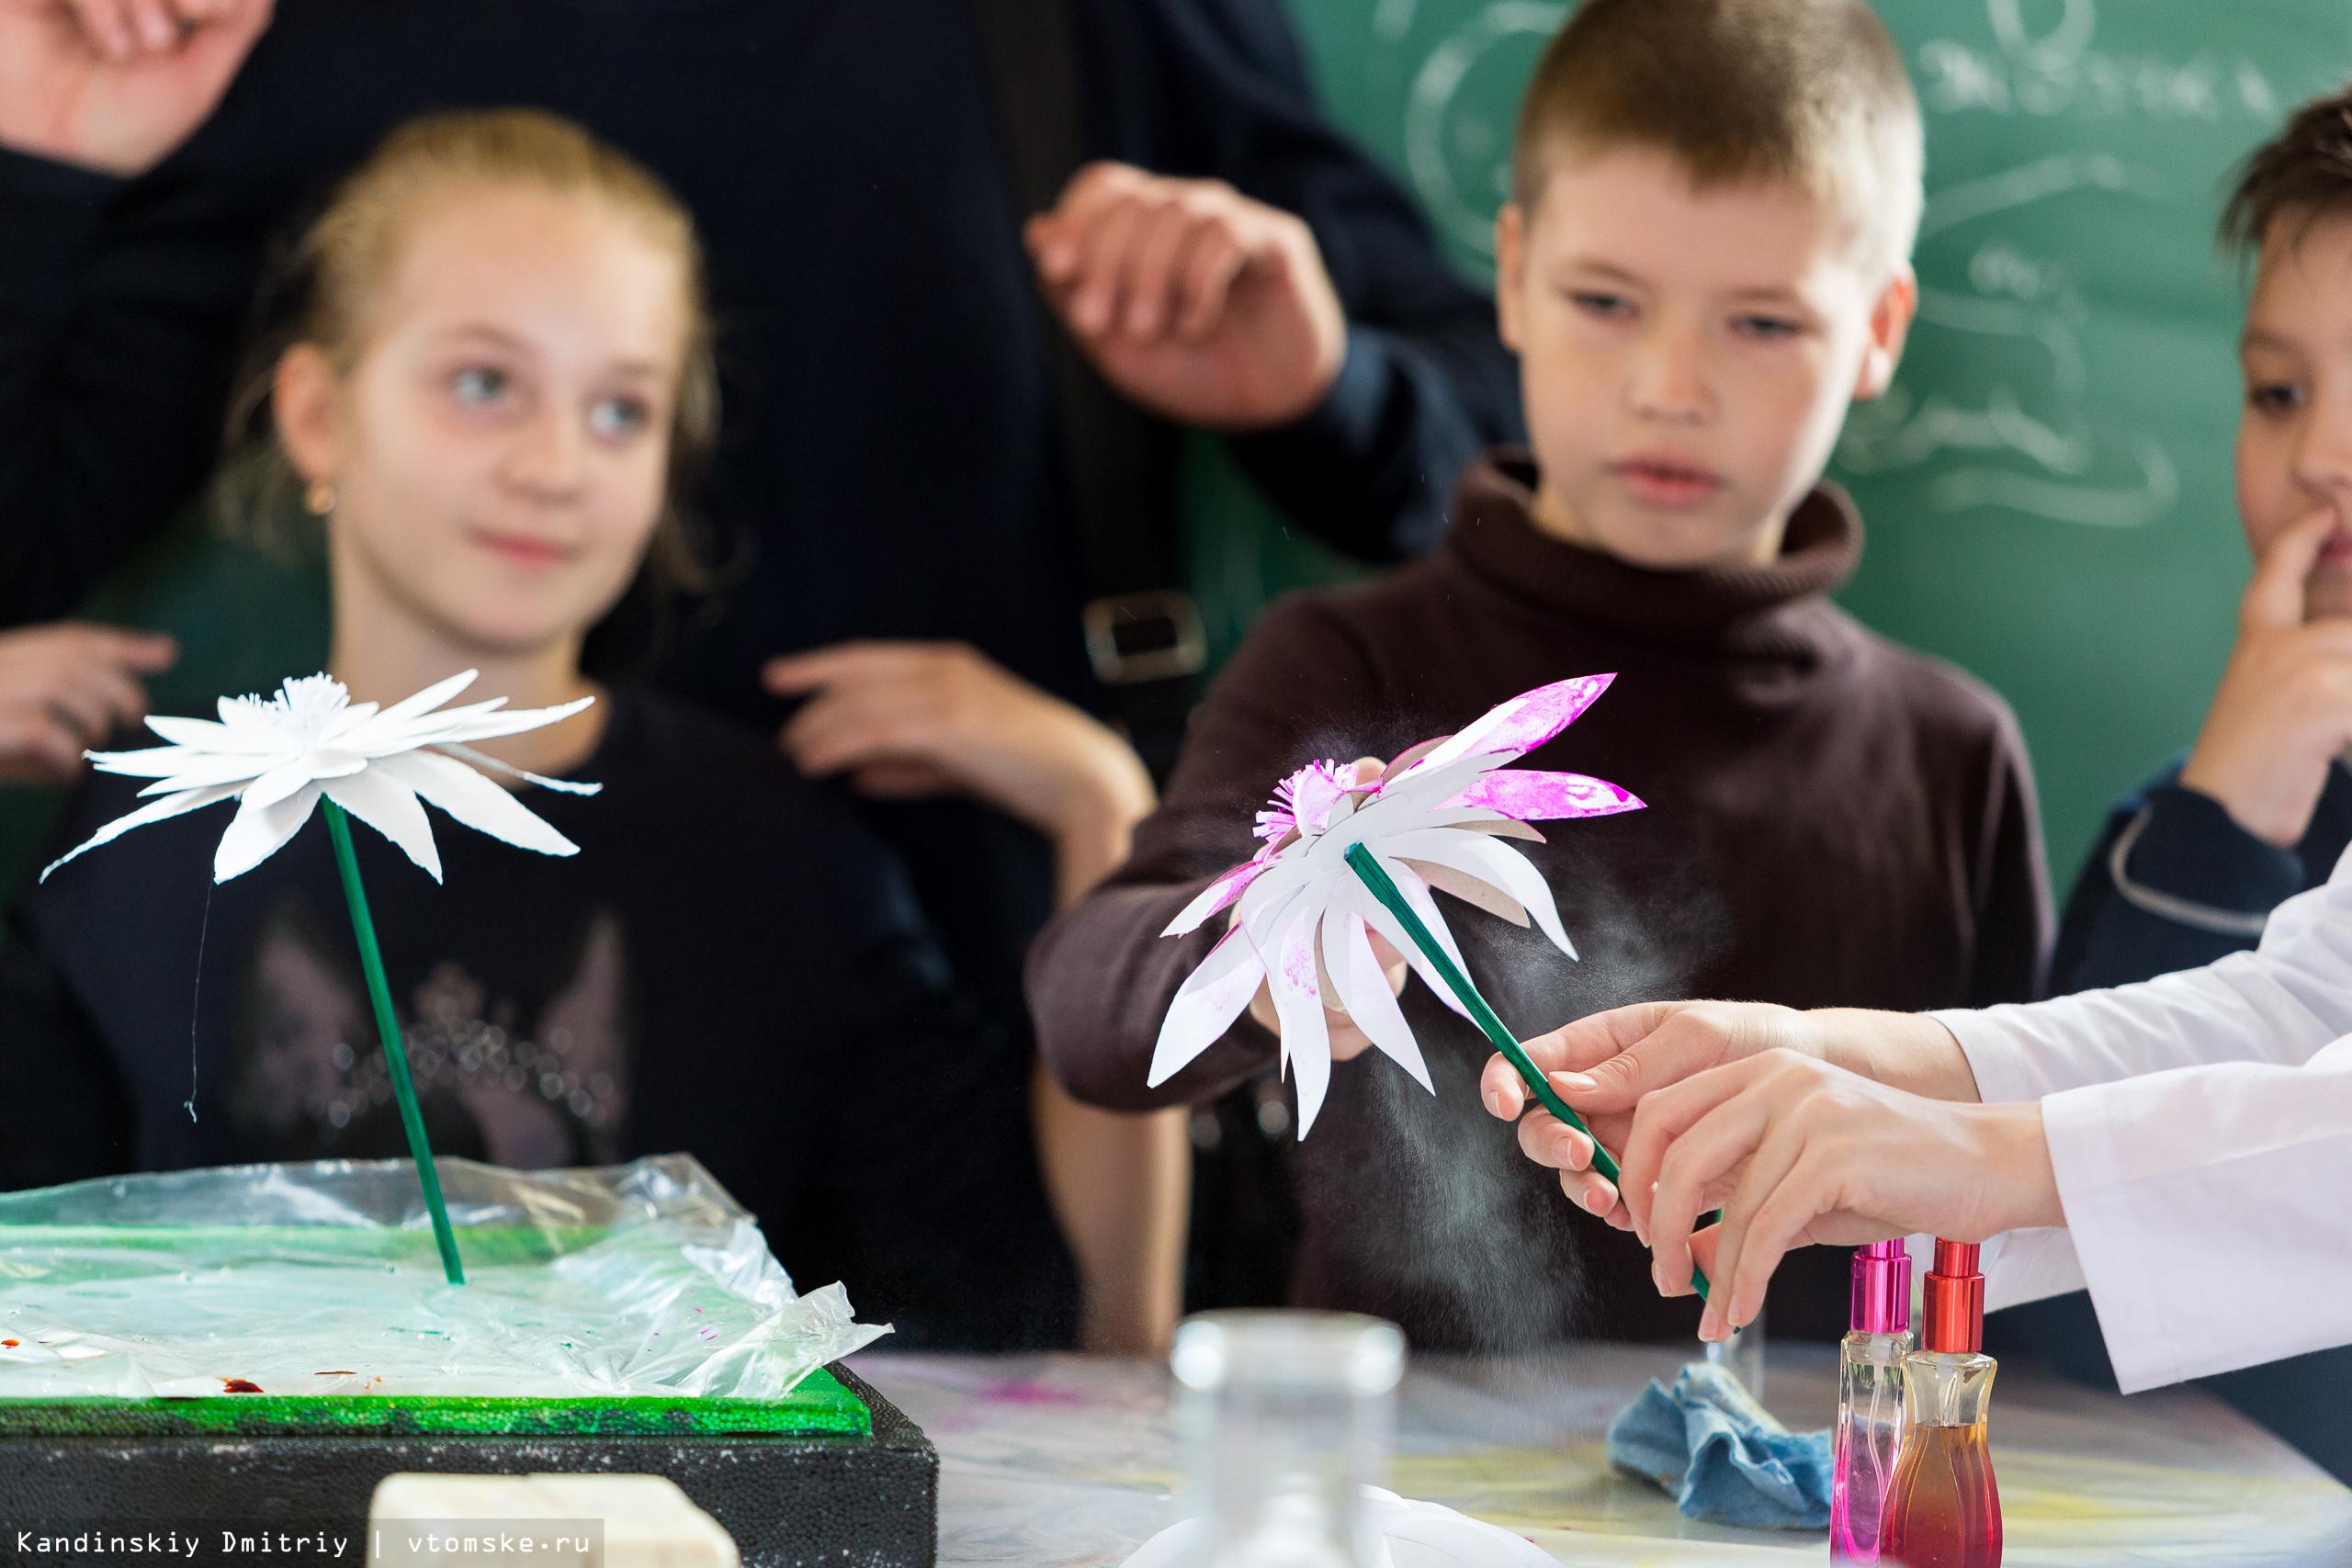 Химические опыты и шоу молний увидели юные томичи на фестивале в ТПУ